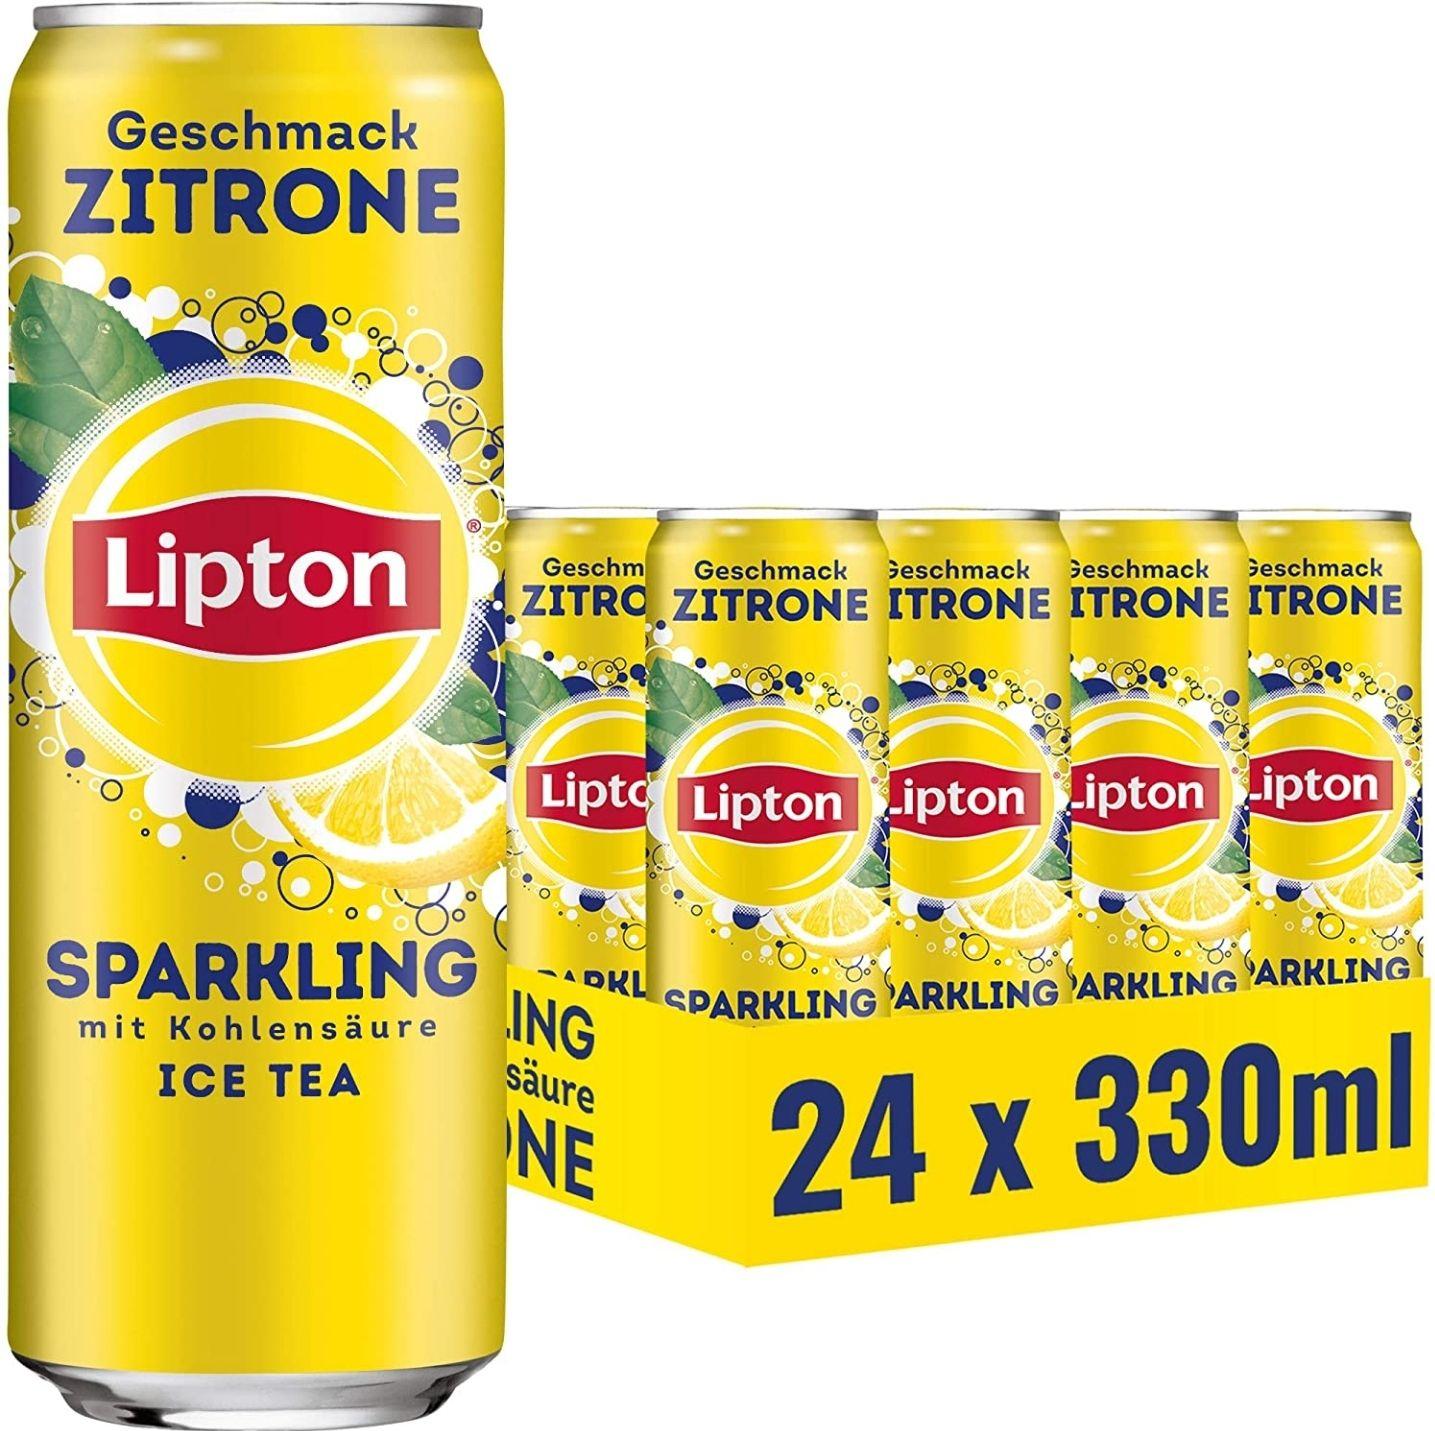 Lipton Sparkling Zitrone (24 x 0,33l) [Pfandfehler? ]